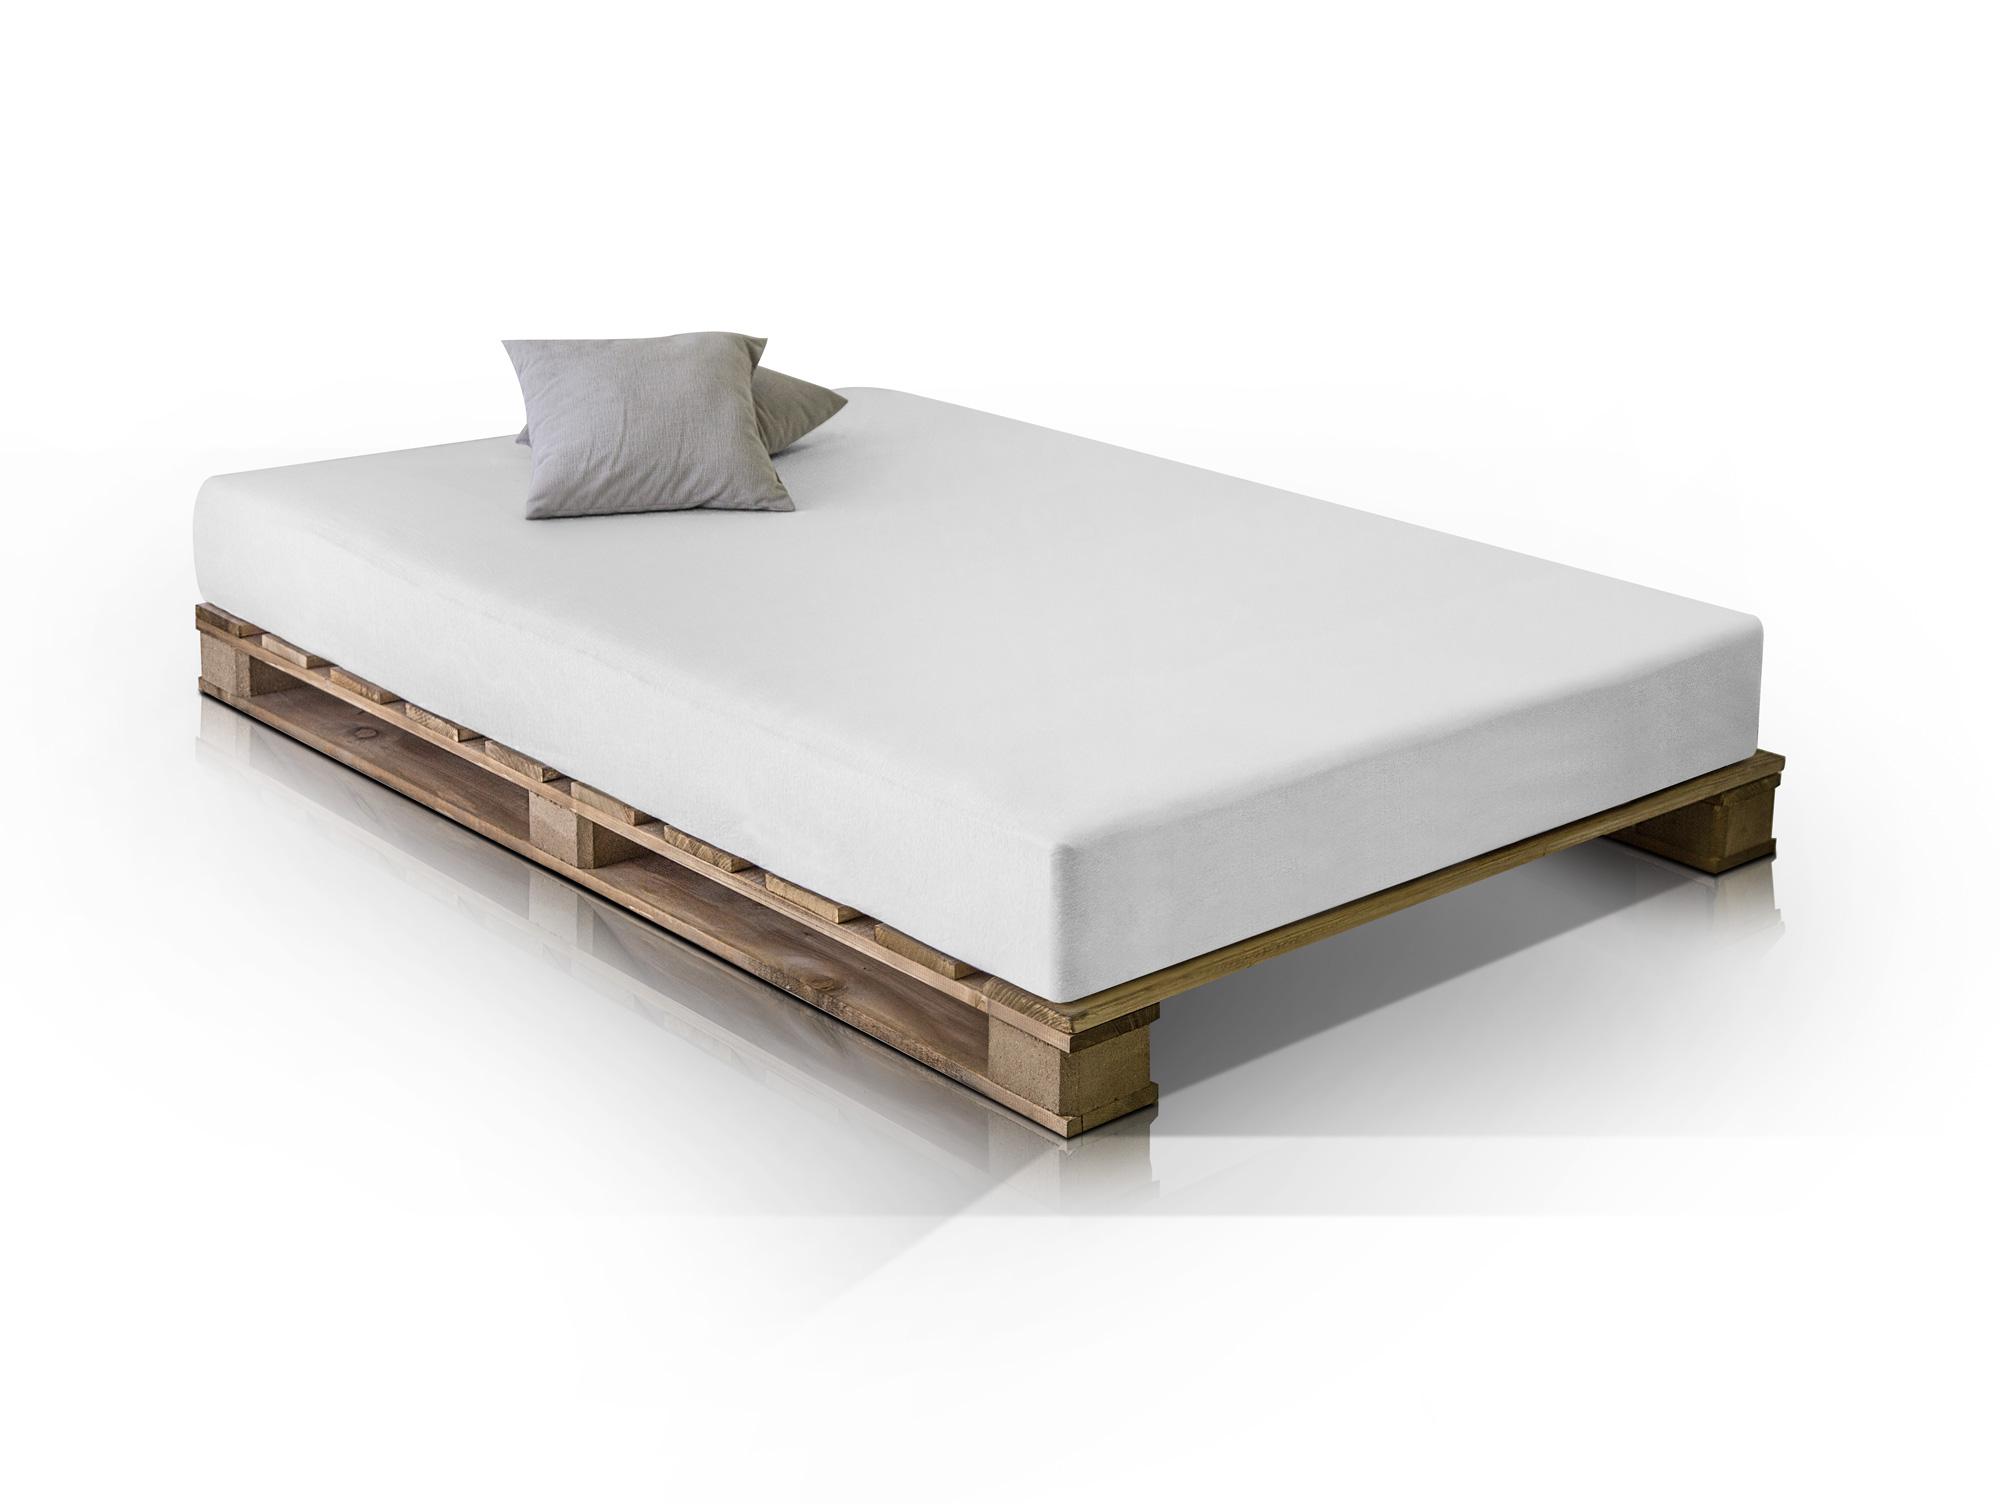 Full Size of Bauanleitung Bauplan Palettenbett Paletten Bett 140x220 Wohnzimmer Bauanleitung Bauplan Palettenbett